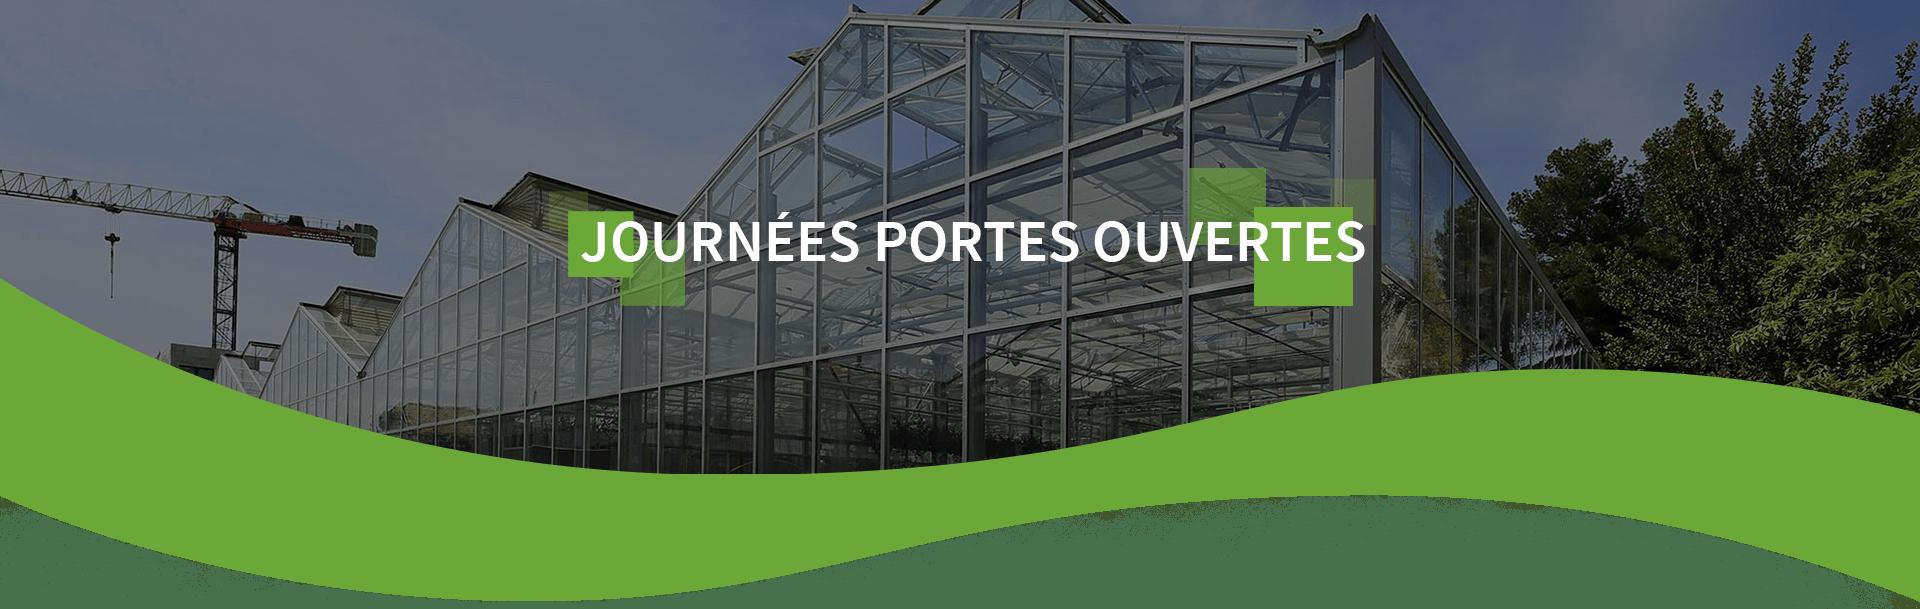 Occitagri - Formation Agricole Occitanie Journees portes ouvertes bg-top-min